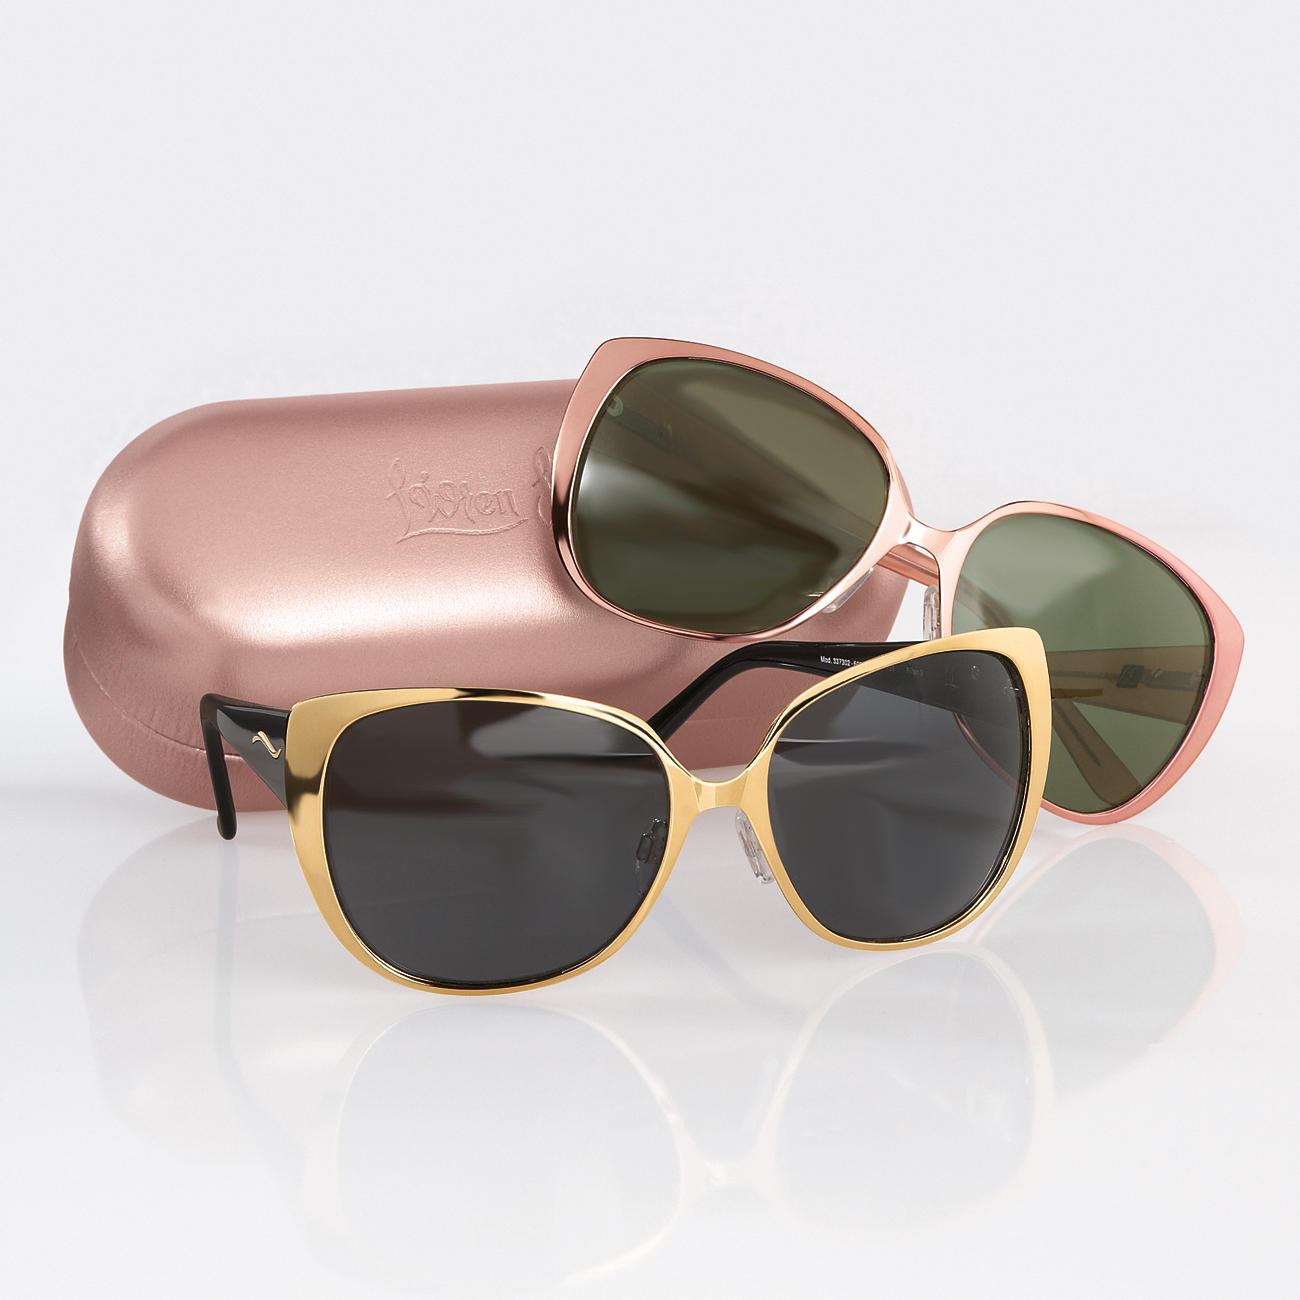 Acheter lunettes de soleil en ligne pas cher - Acheter miroir pas cher ...